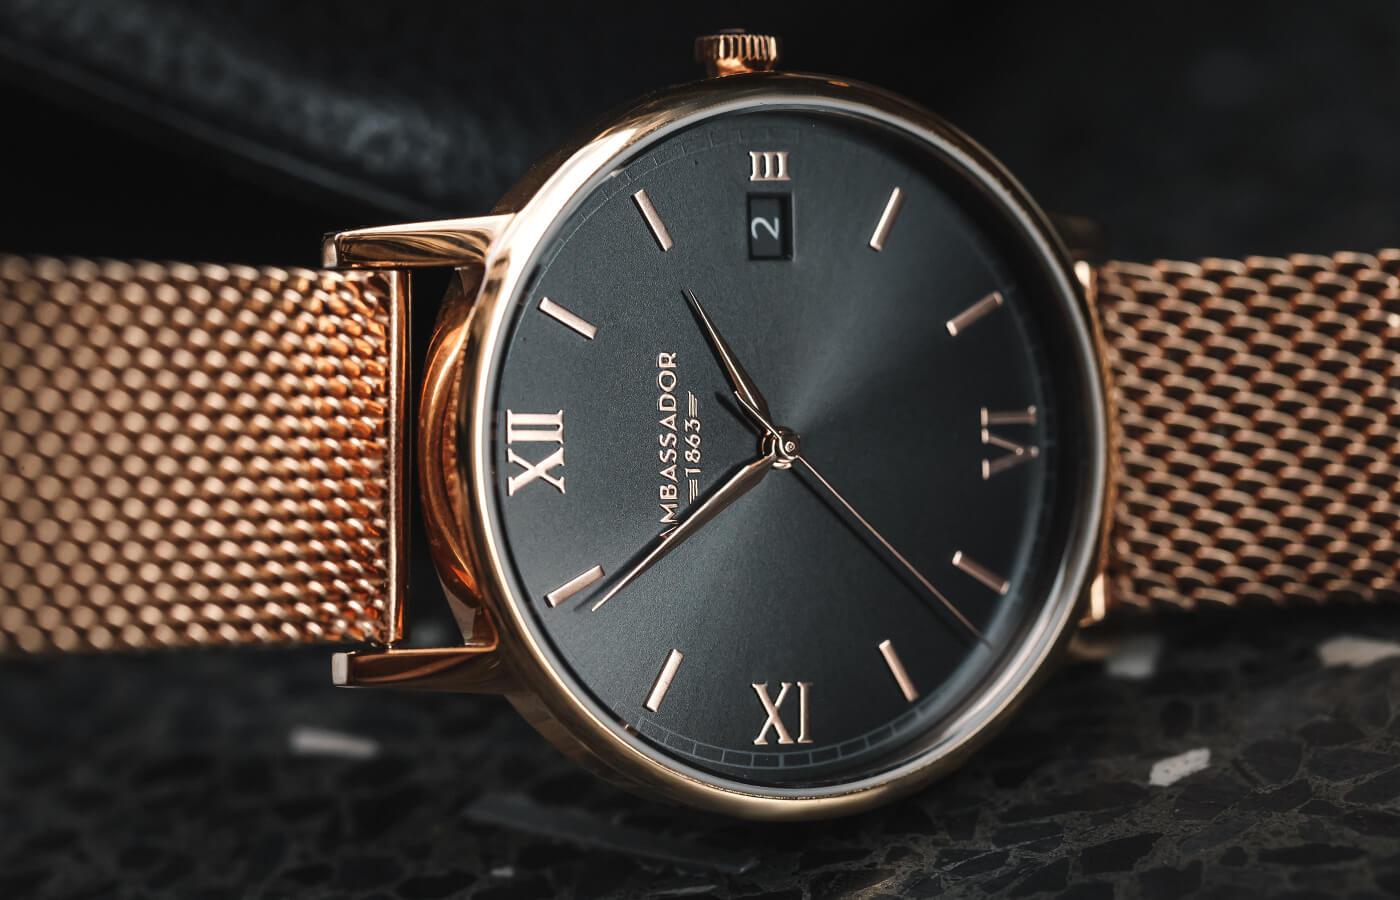 Gold watch under 200